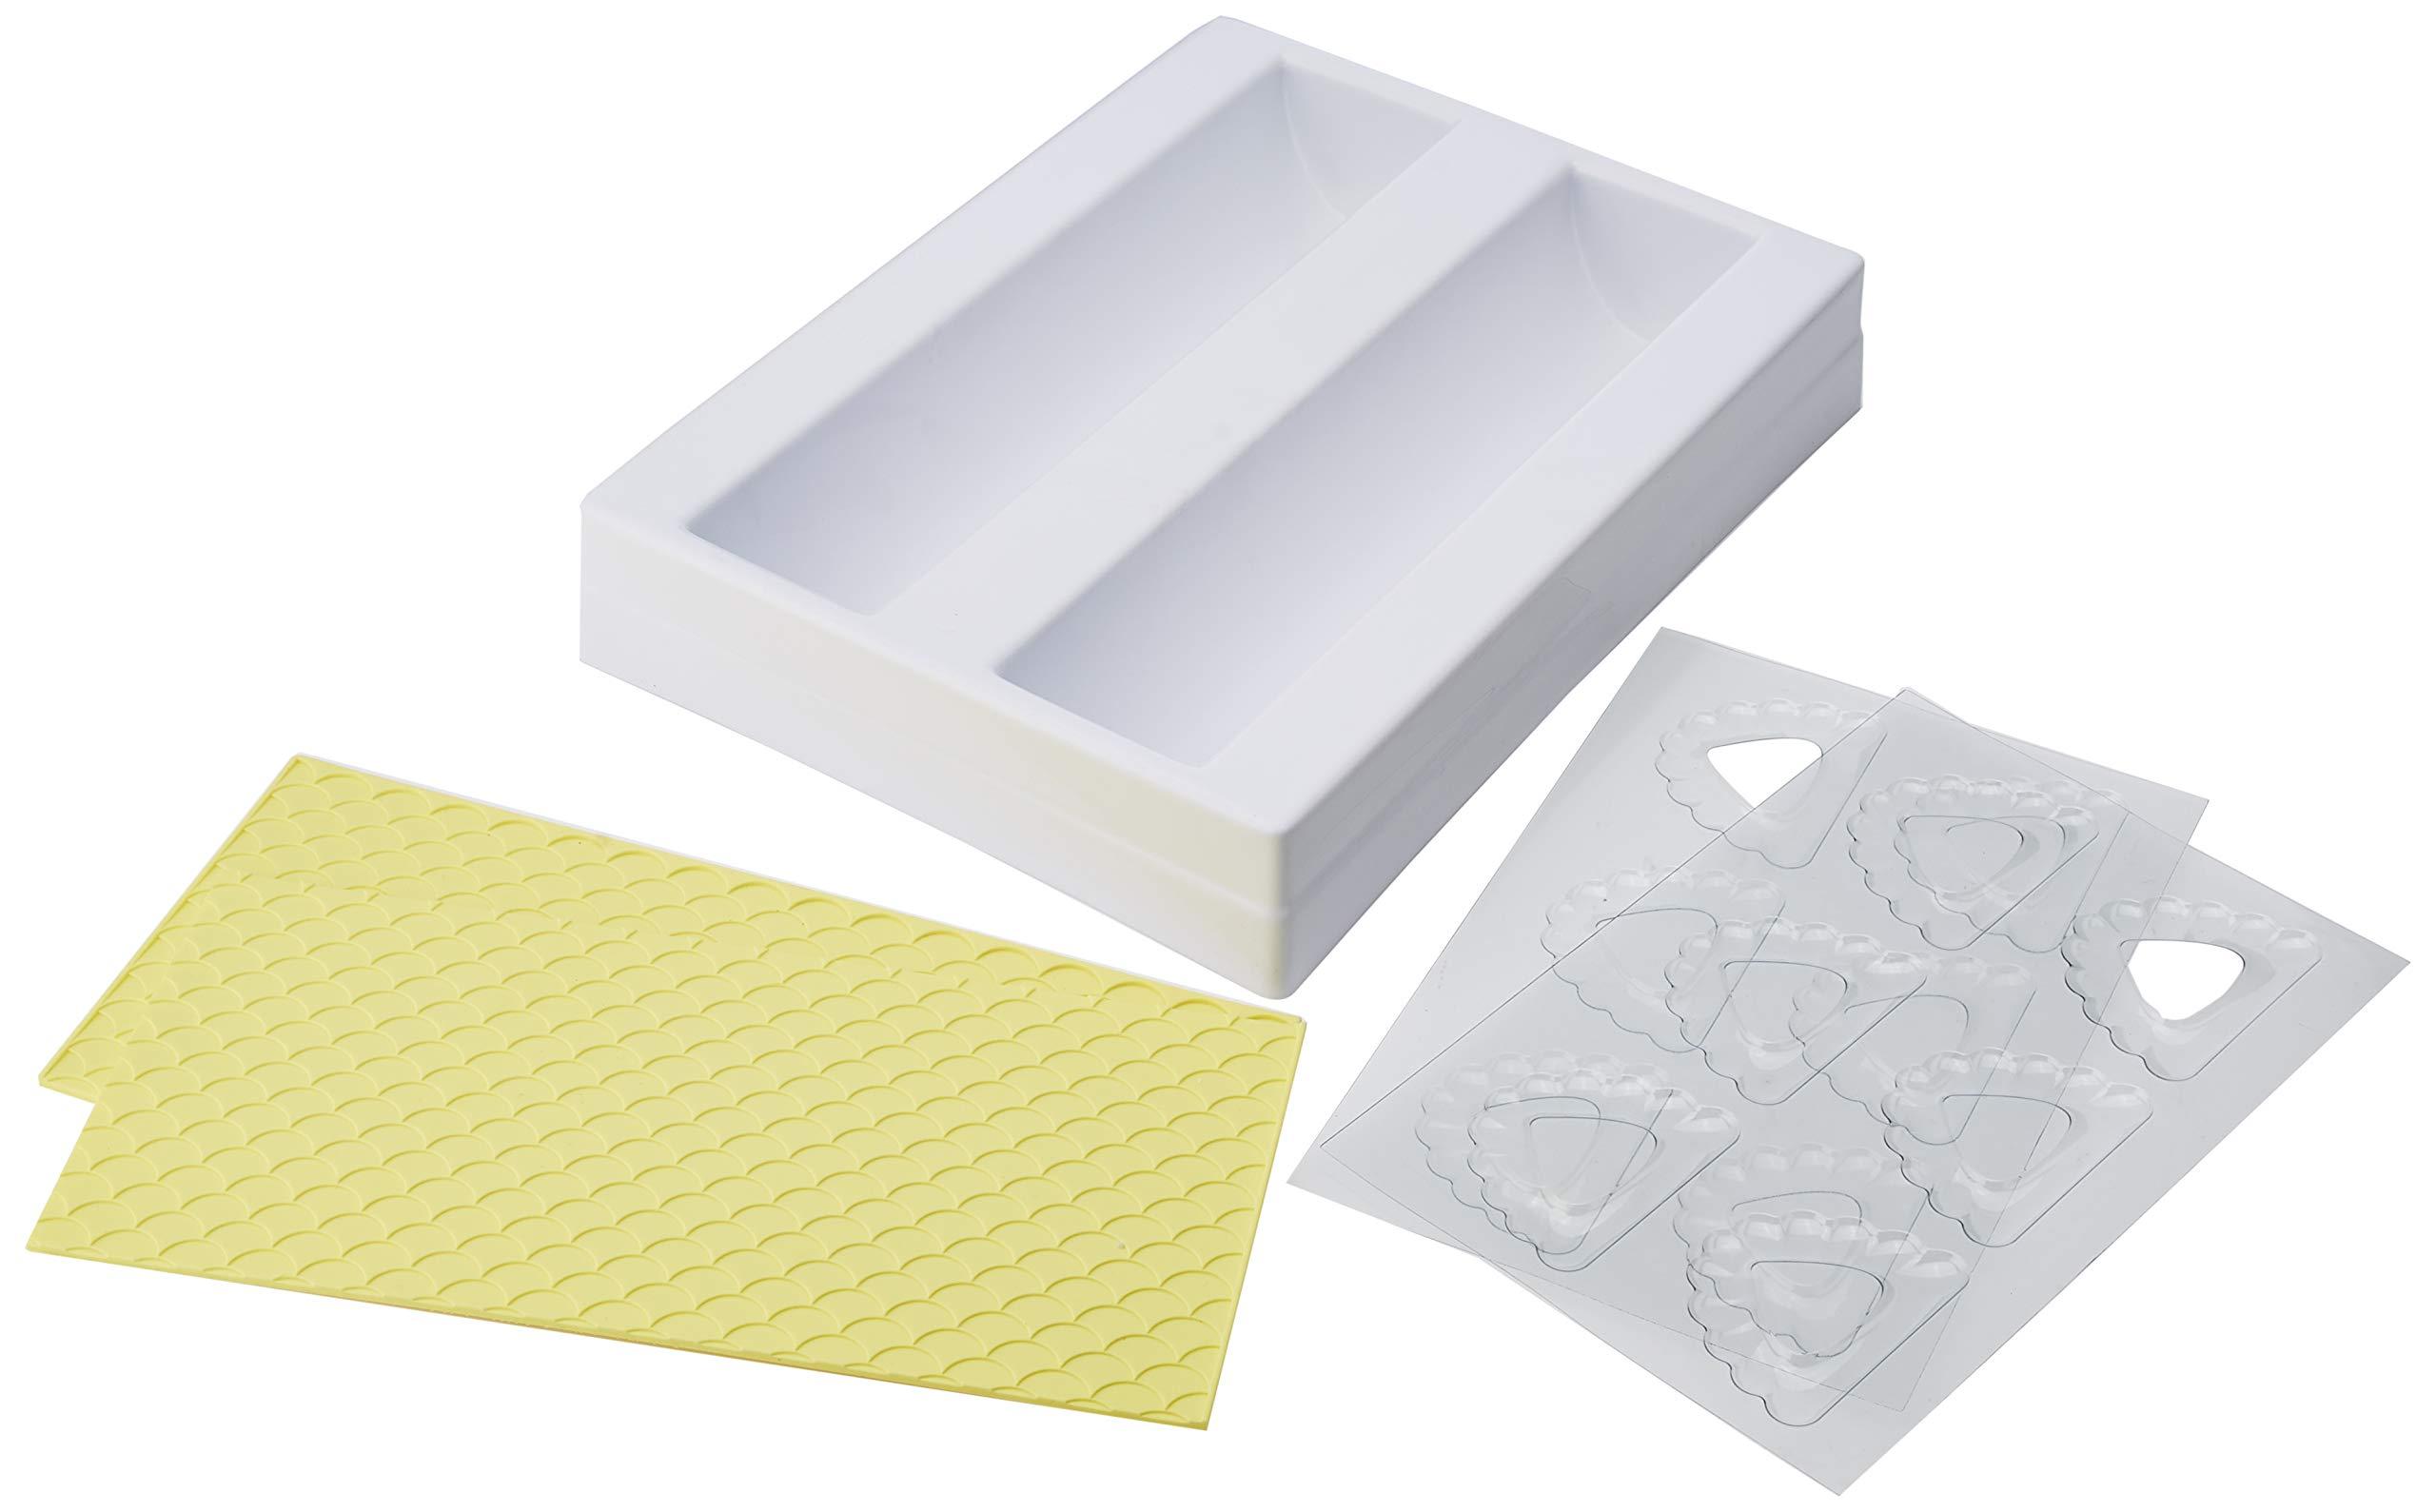 Martellato 30T07K Starter Waves Mould Kit, Plastic, Multicoloured